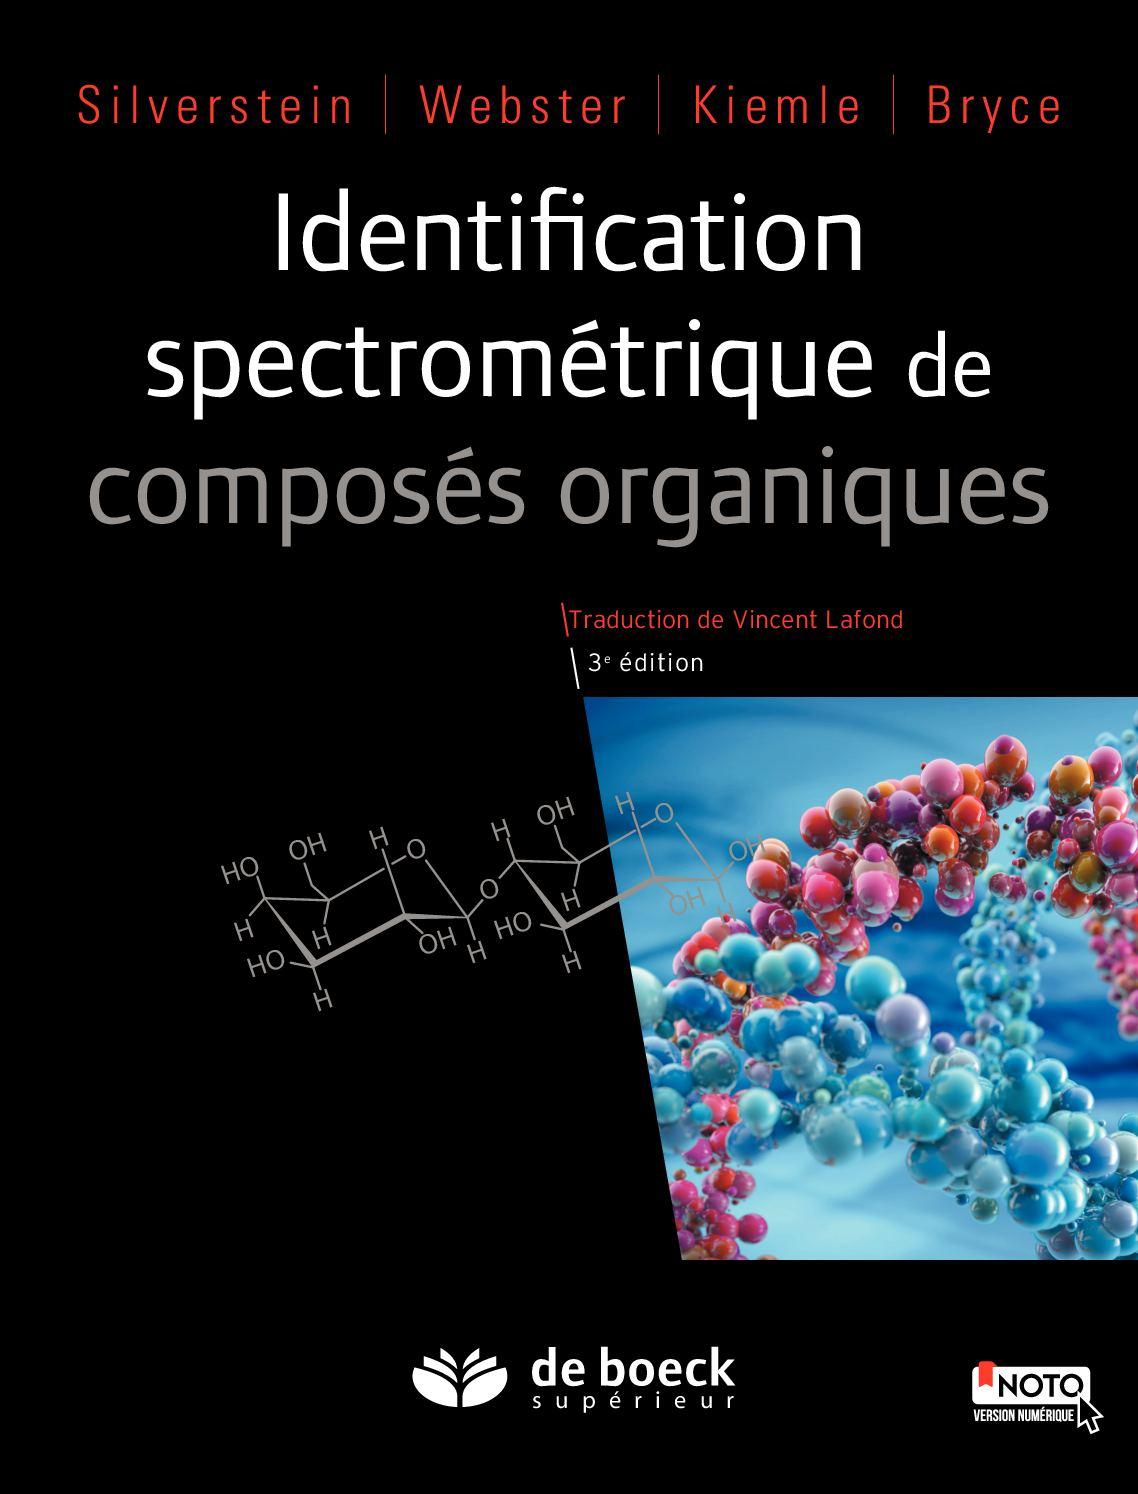 Identification spectrométrique de composés organiques - 3ème édition